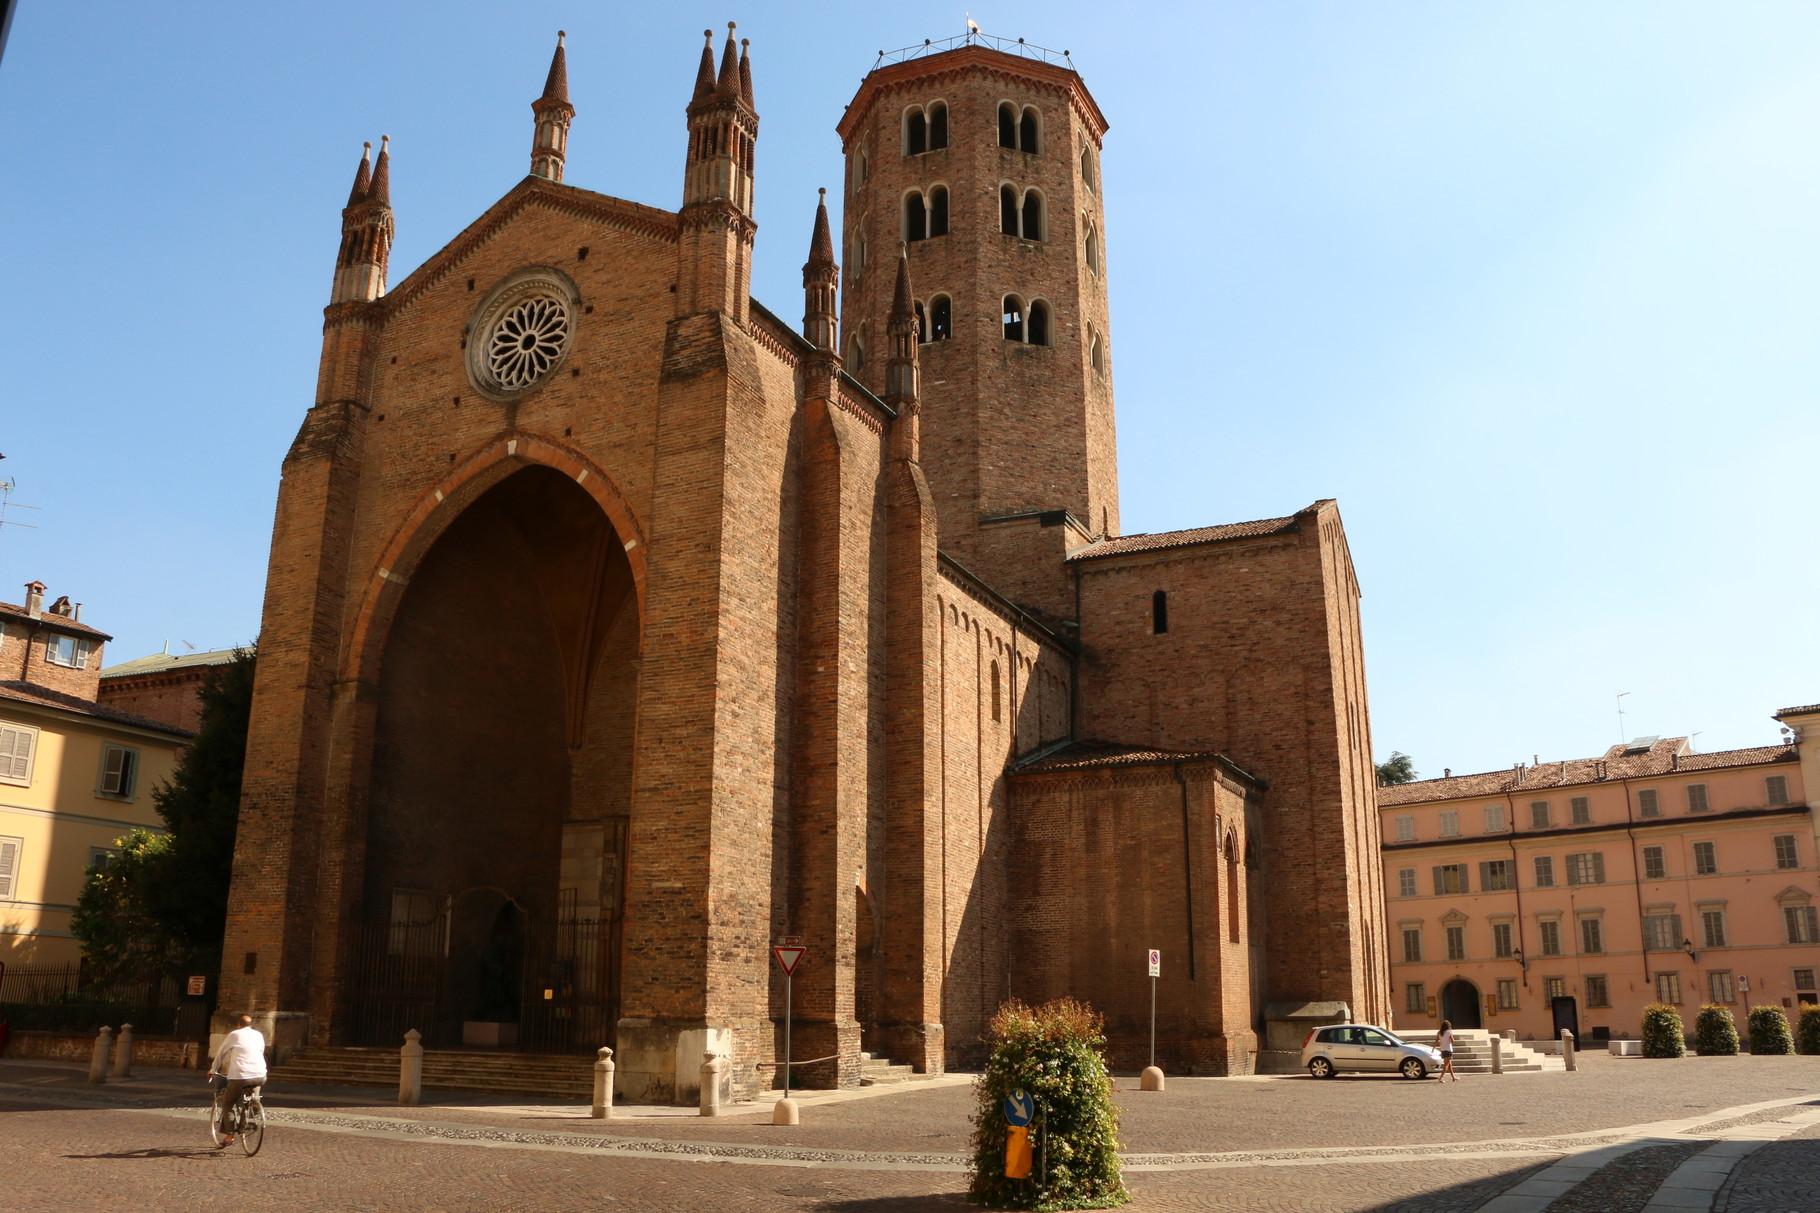 Tappa 17: Piacenza - Fiorenzuola | 31,5 km